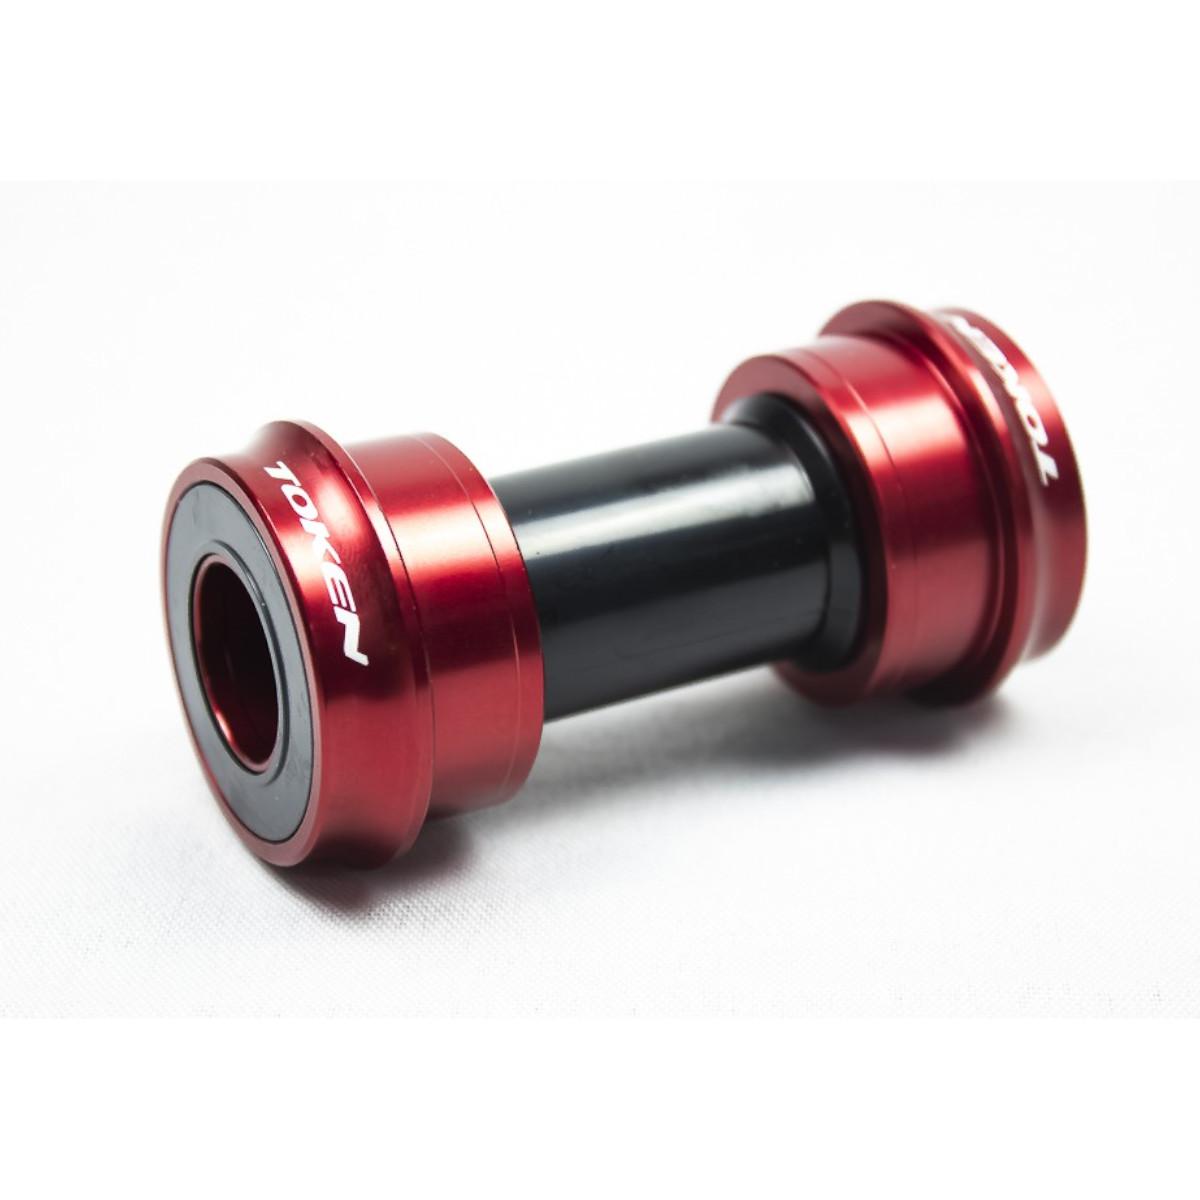 Movimento Central Token Quadro BB30 42mm Pedivela Shimano Red